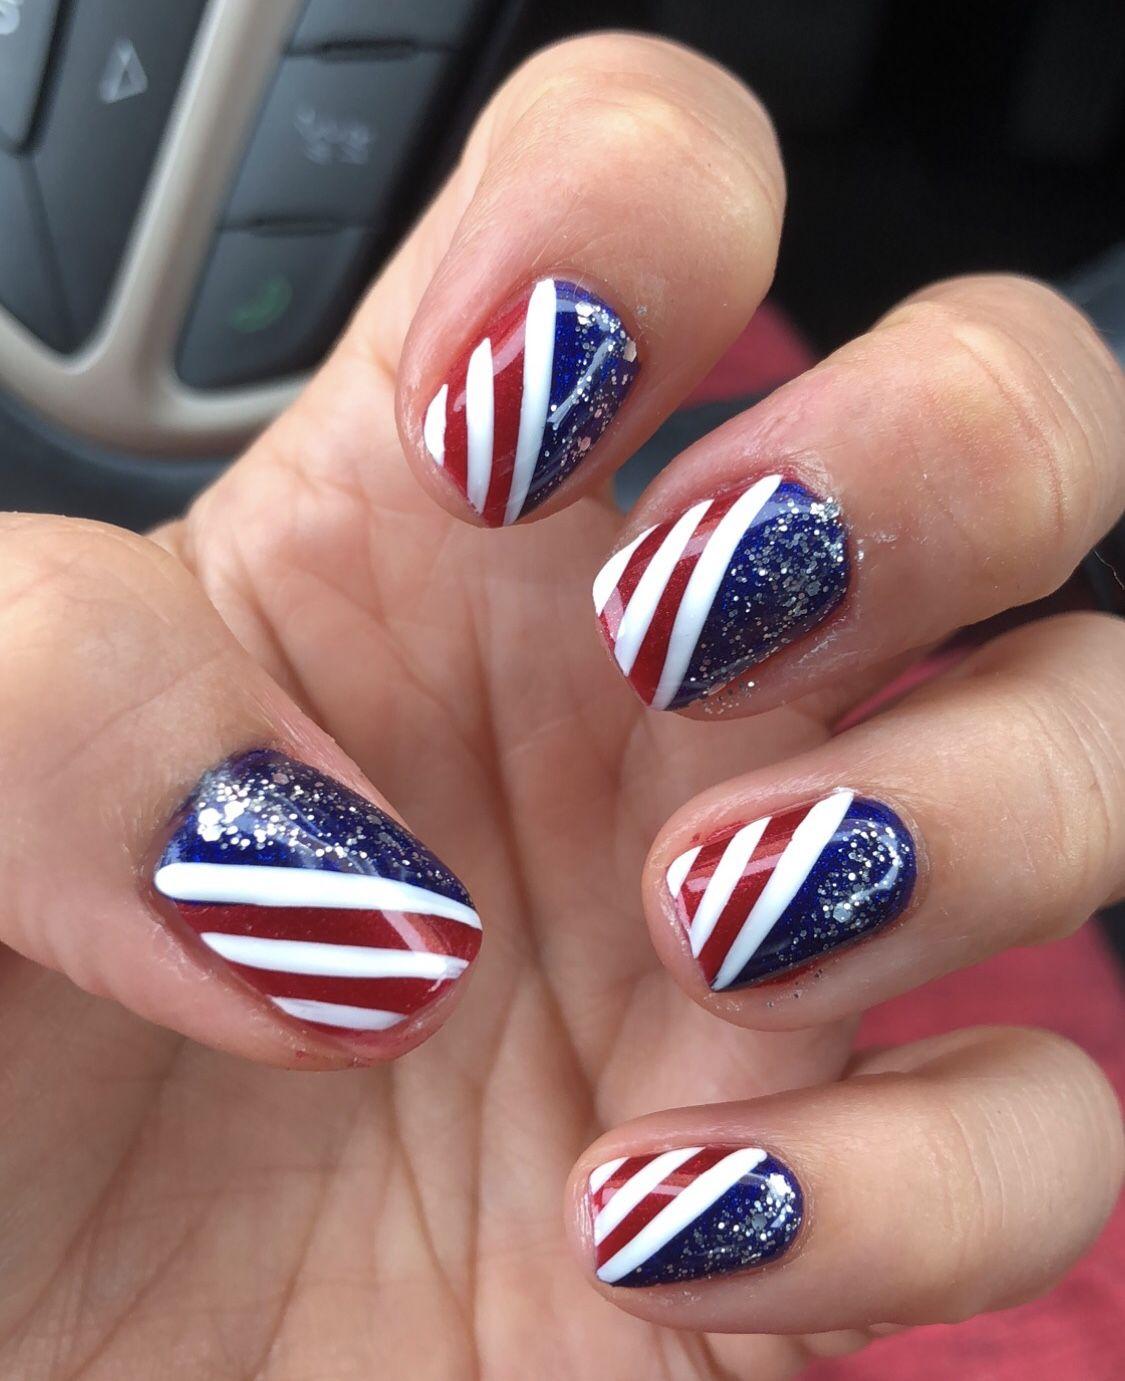 Pin by Samantha Murphy on Nails | Nail art diy, Usa nails ...